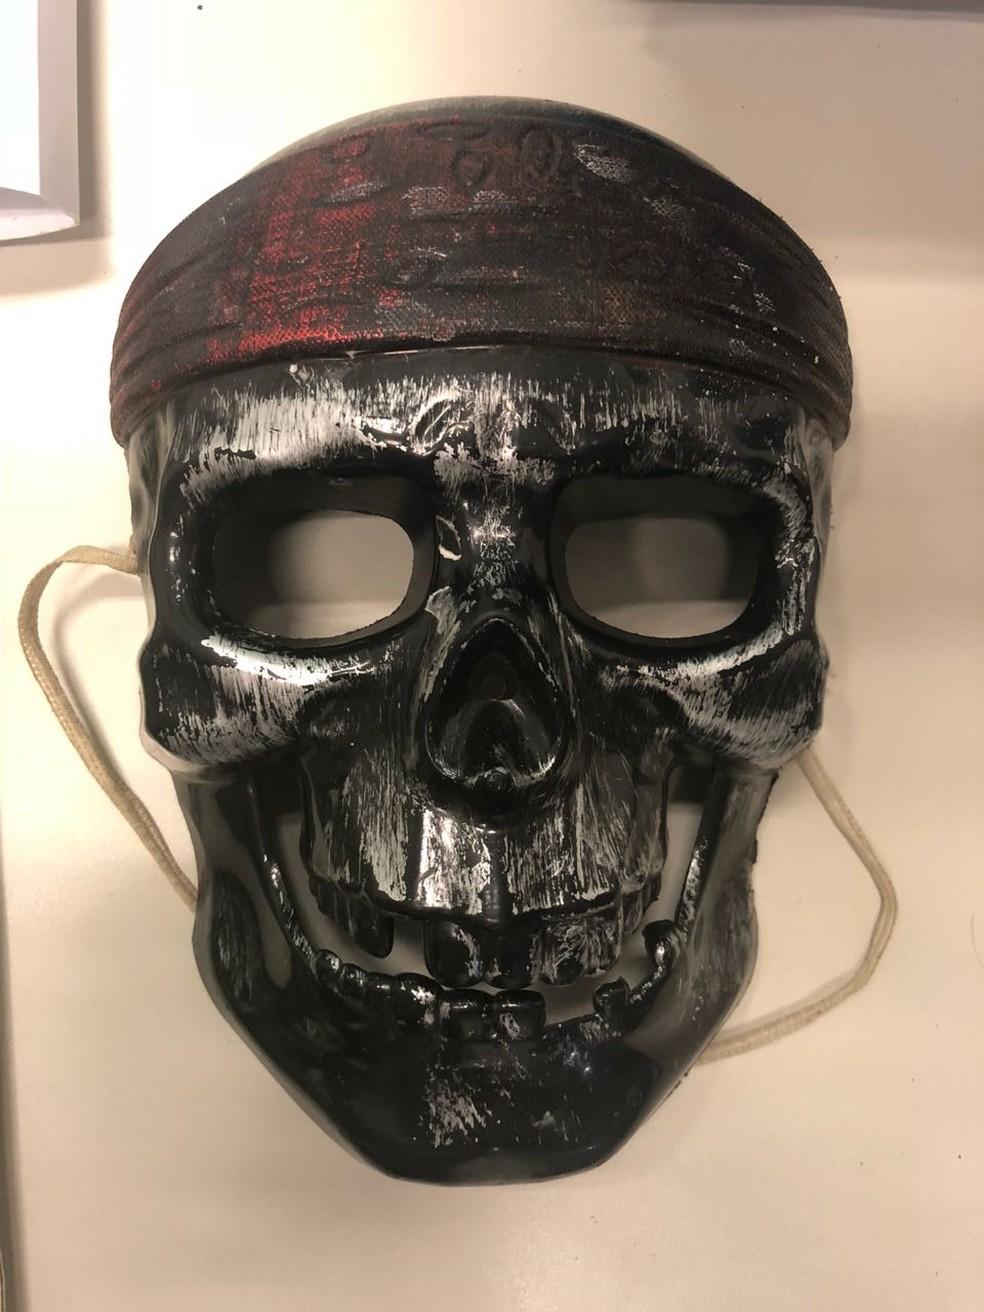 """Adolescentes tinham máscaras de caveira para """"não serem identificados"""" ao sair da casa da vítima. — Foto: Alysson Maruyama/TV Morena"""